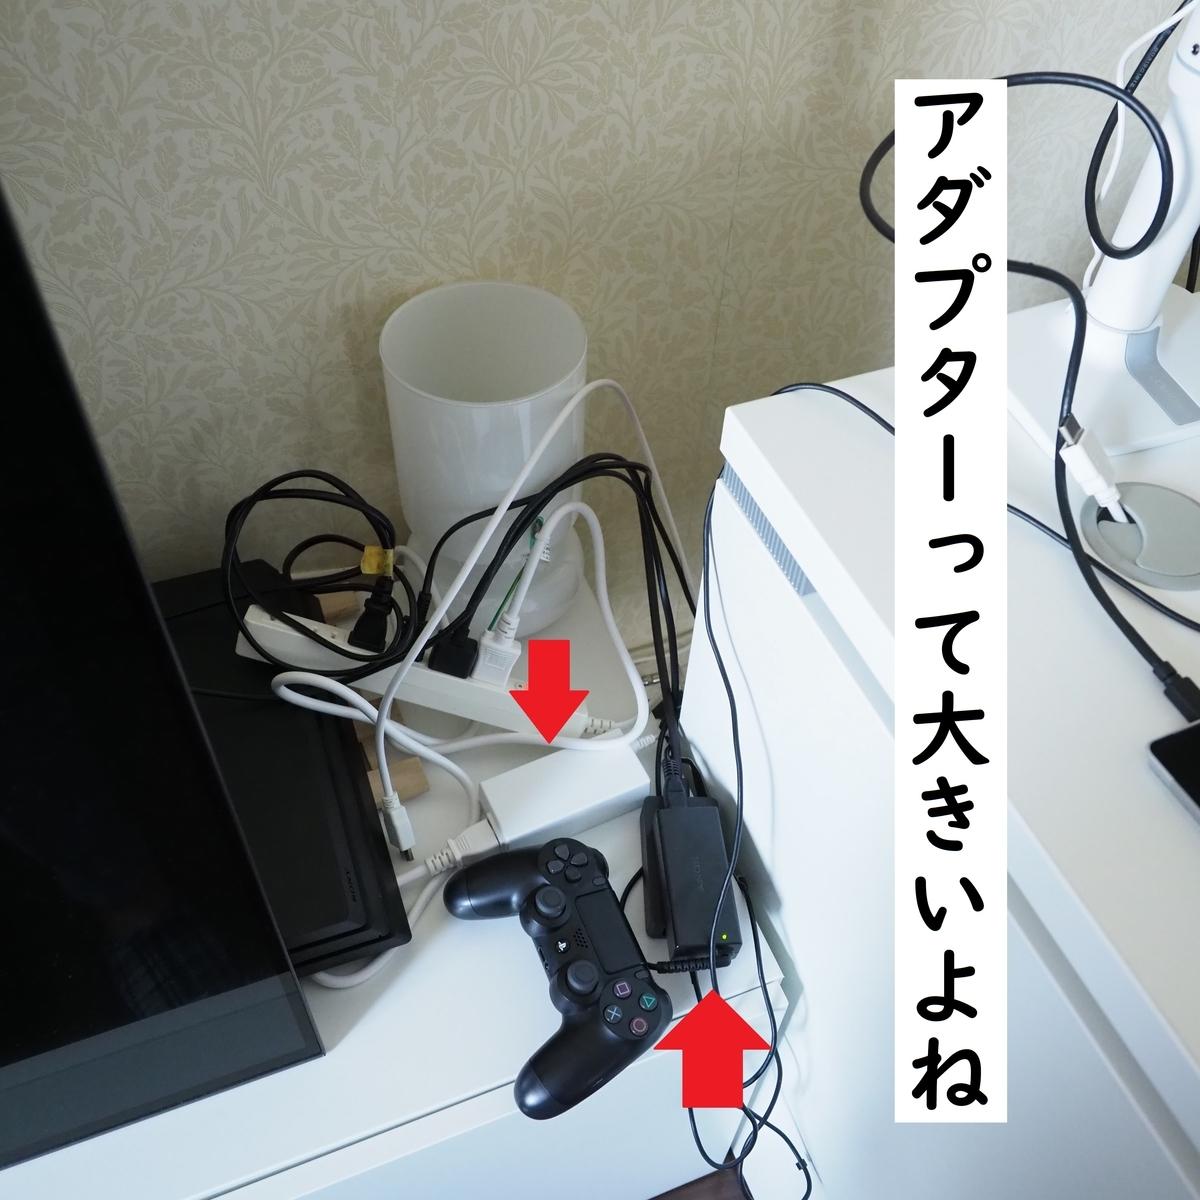 f:id:shokubutsuzoku:20190930112659j:plain